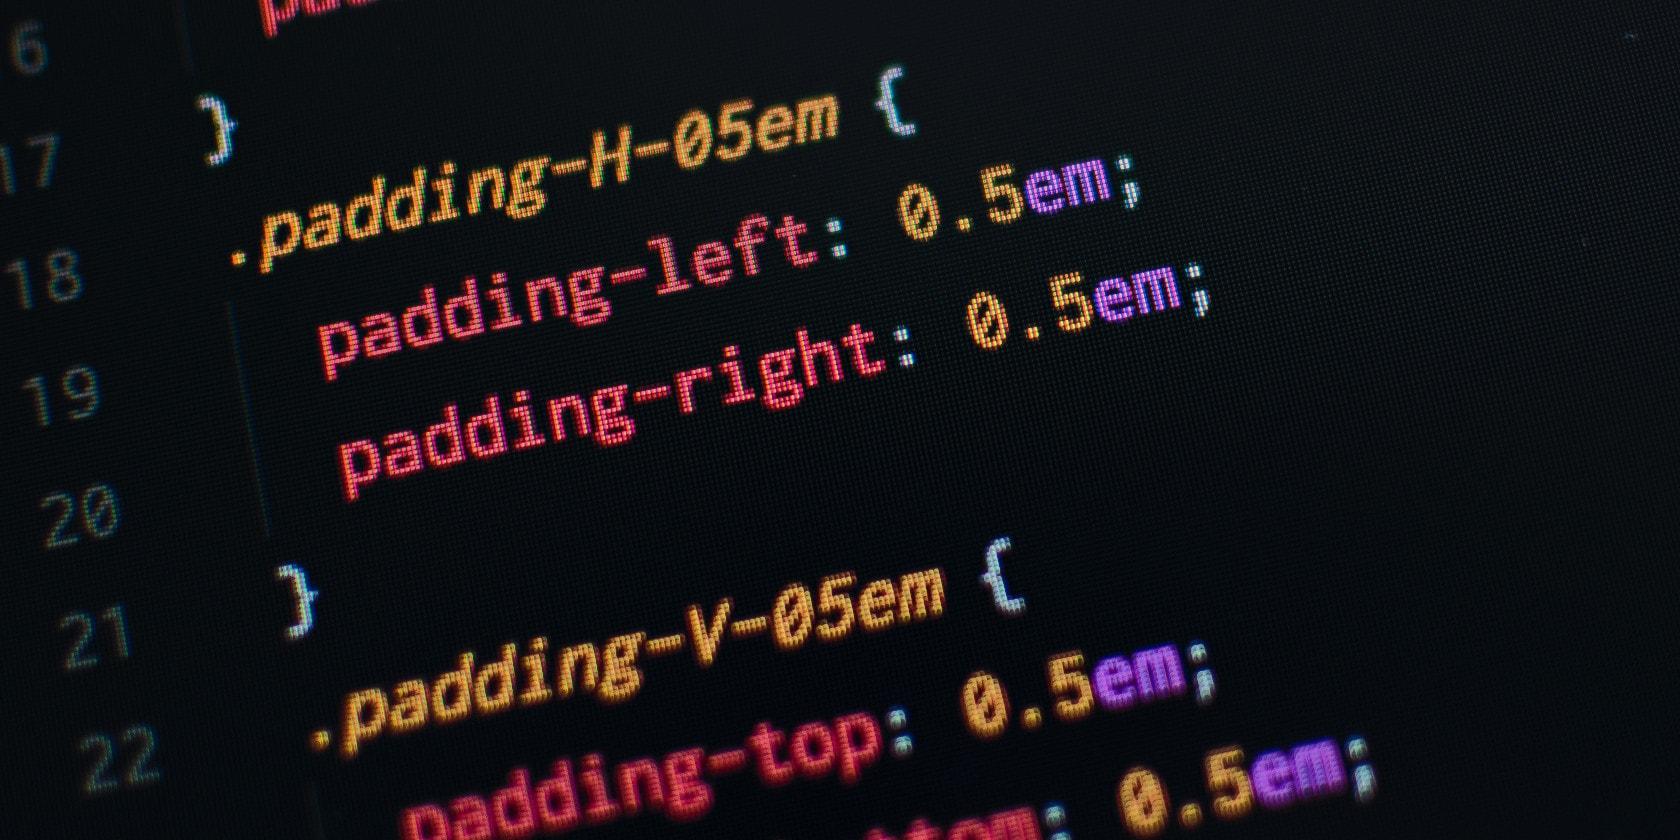 Per scrivere un articolo serve una pagina leggibile: ottimizza l'aspetto dell'articolo.